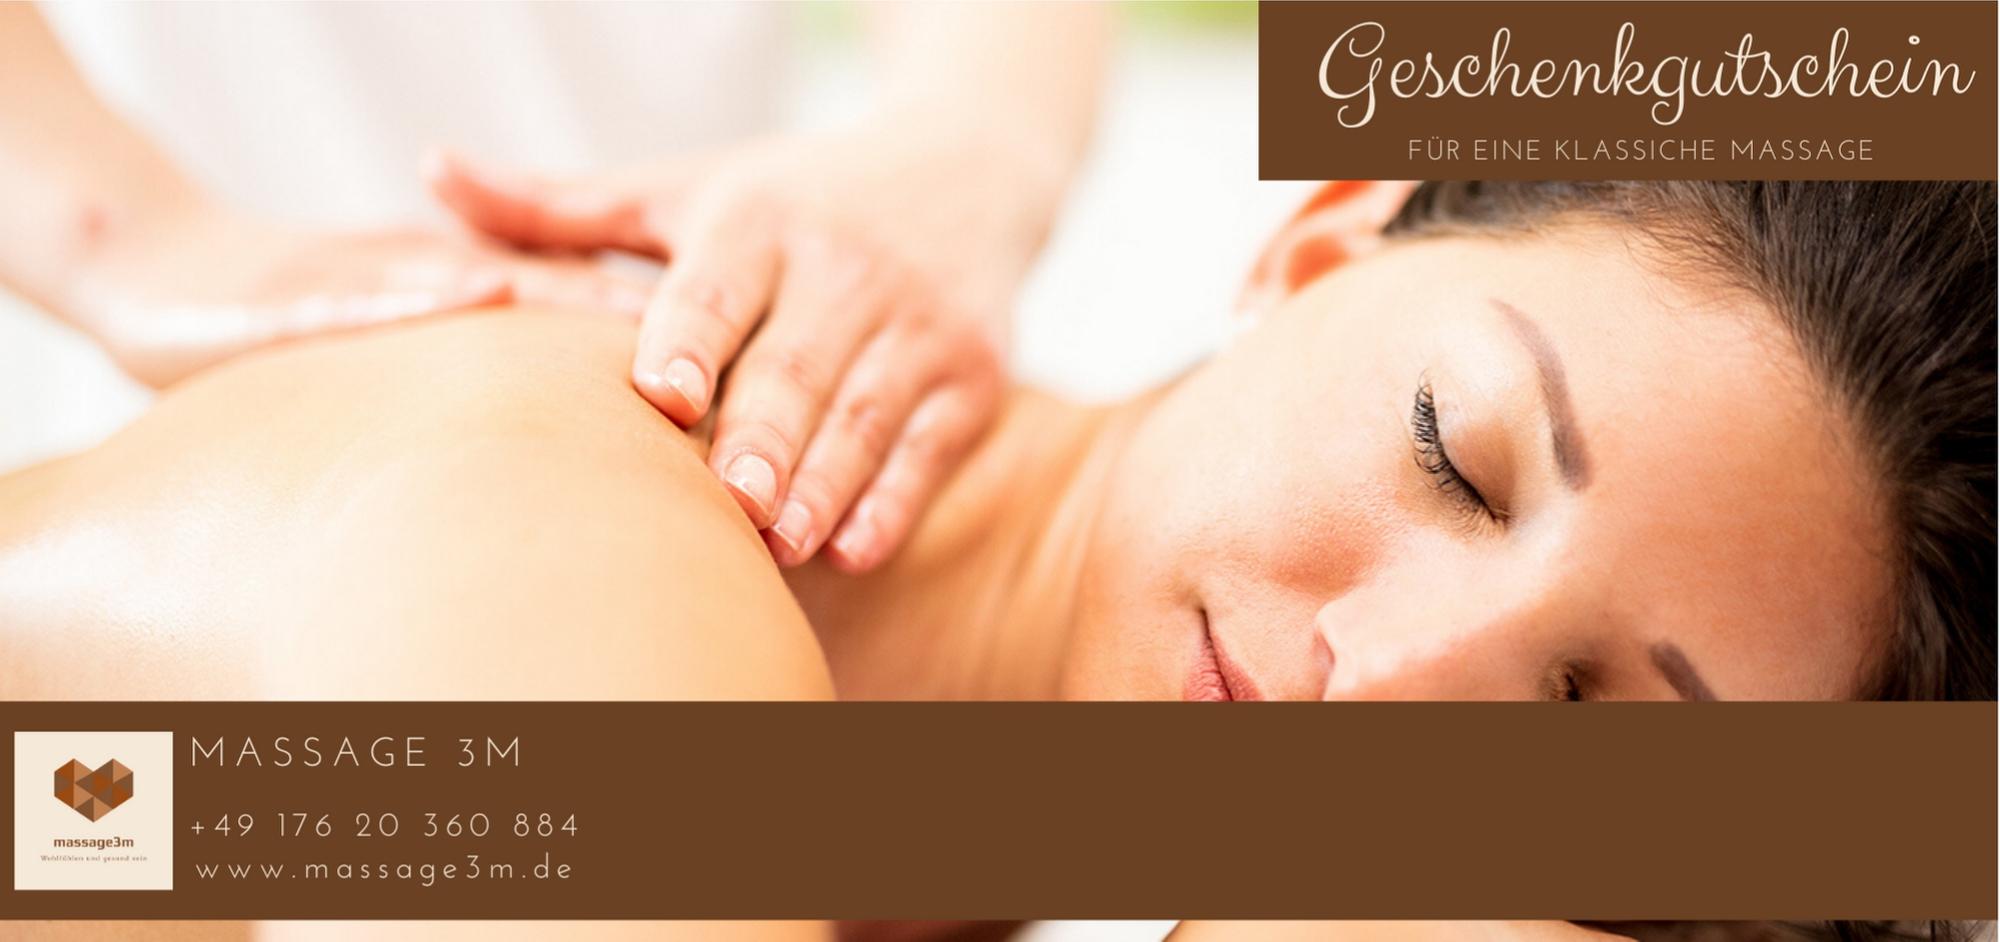 Gutschein Klassische Massage.jpg